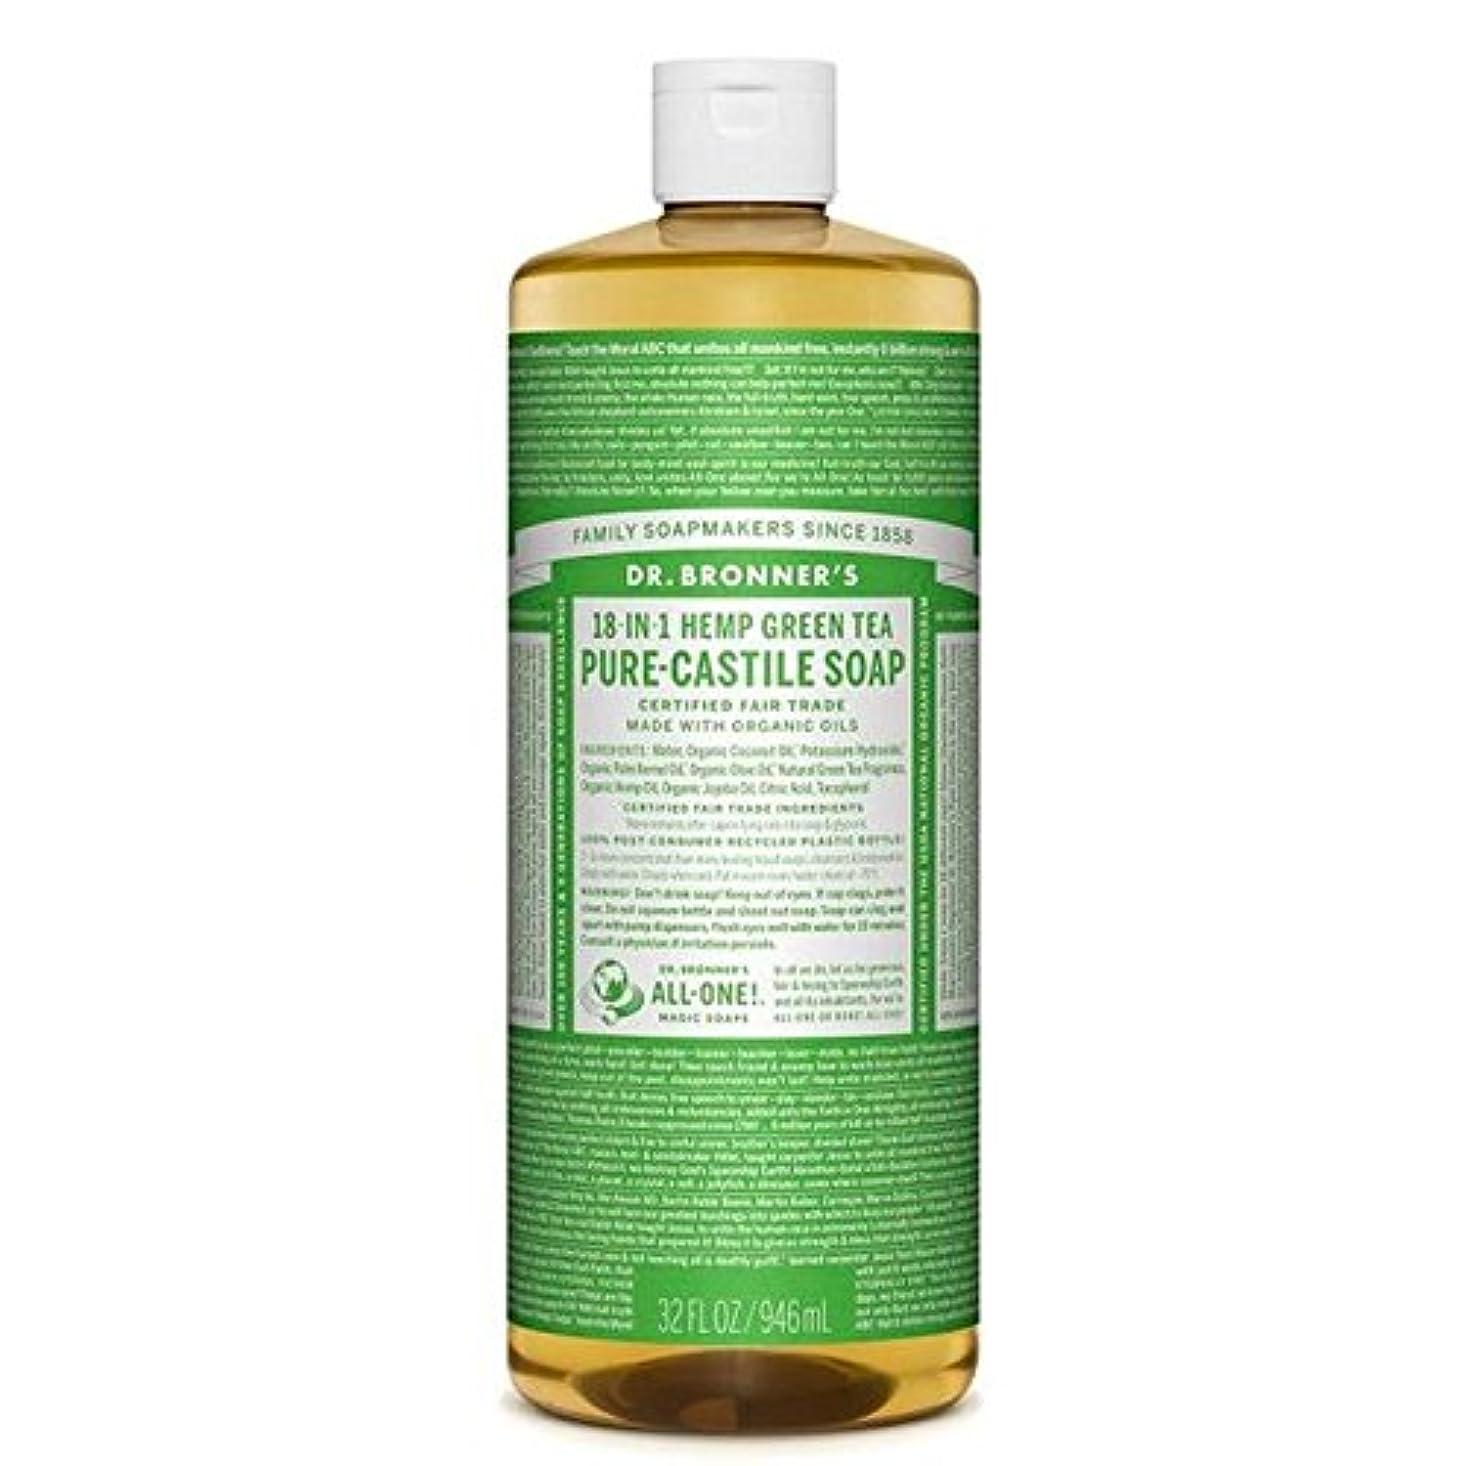 のブロナー有機緑茶カスティーリャ液体石鹸946ミリリットル x4 - Dr Bronner Organic Green Tea Castile Liquid Soap 946ml (Pack of 4) [並行輸入品]